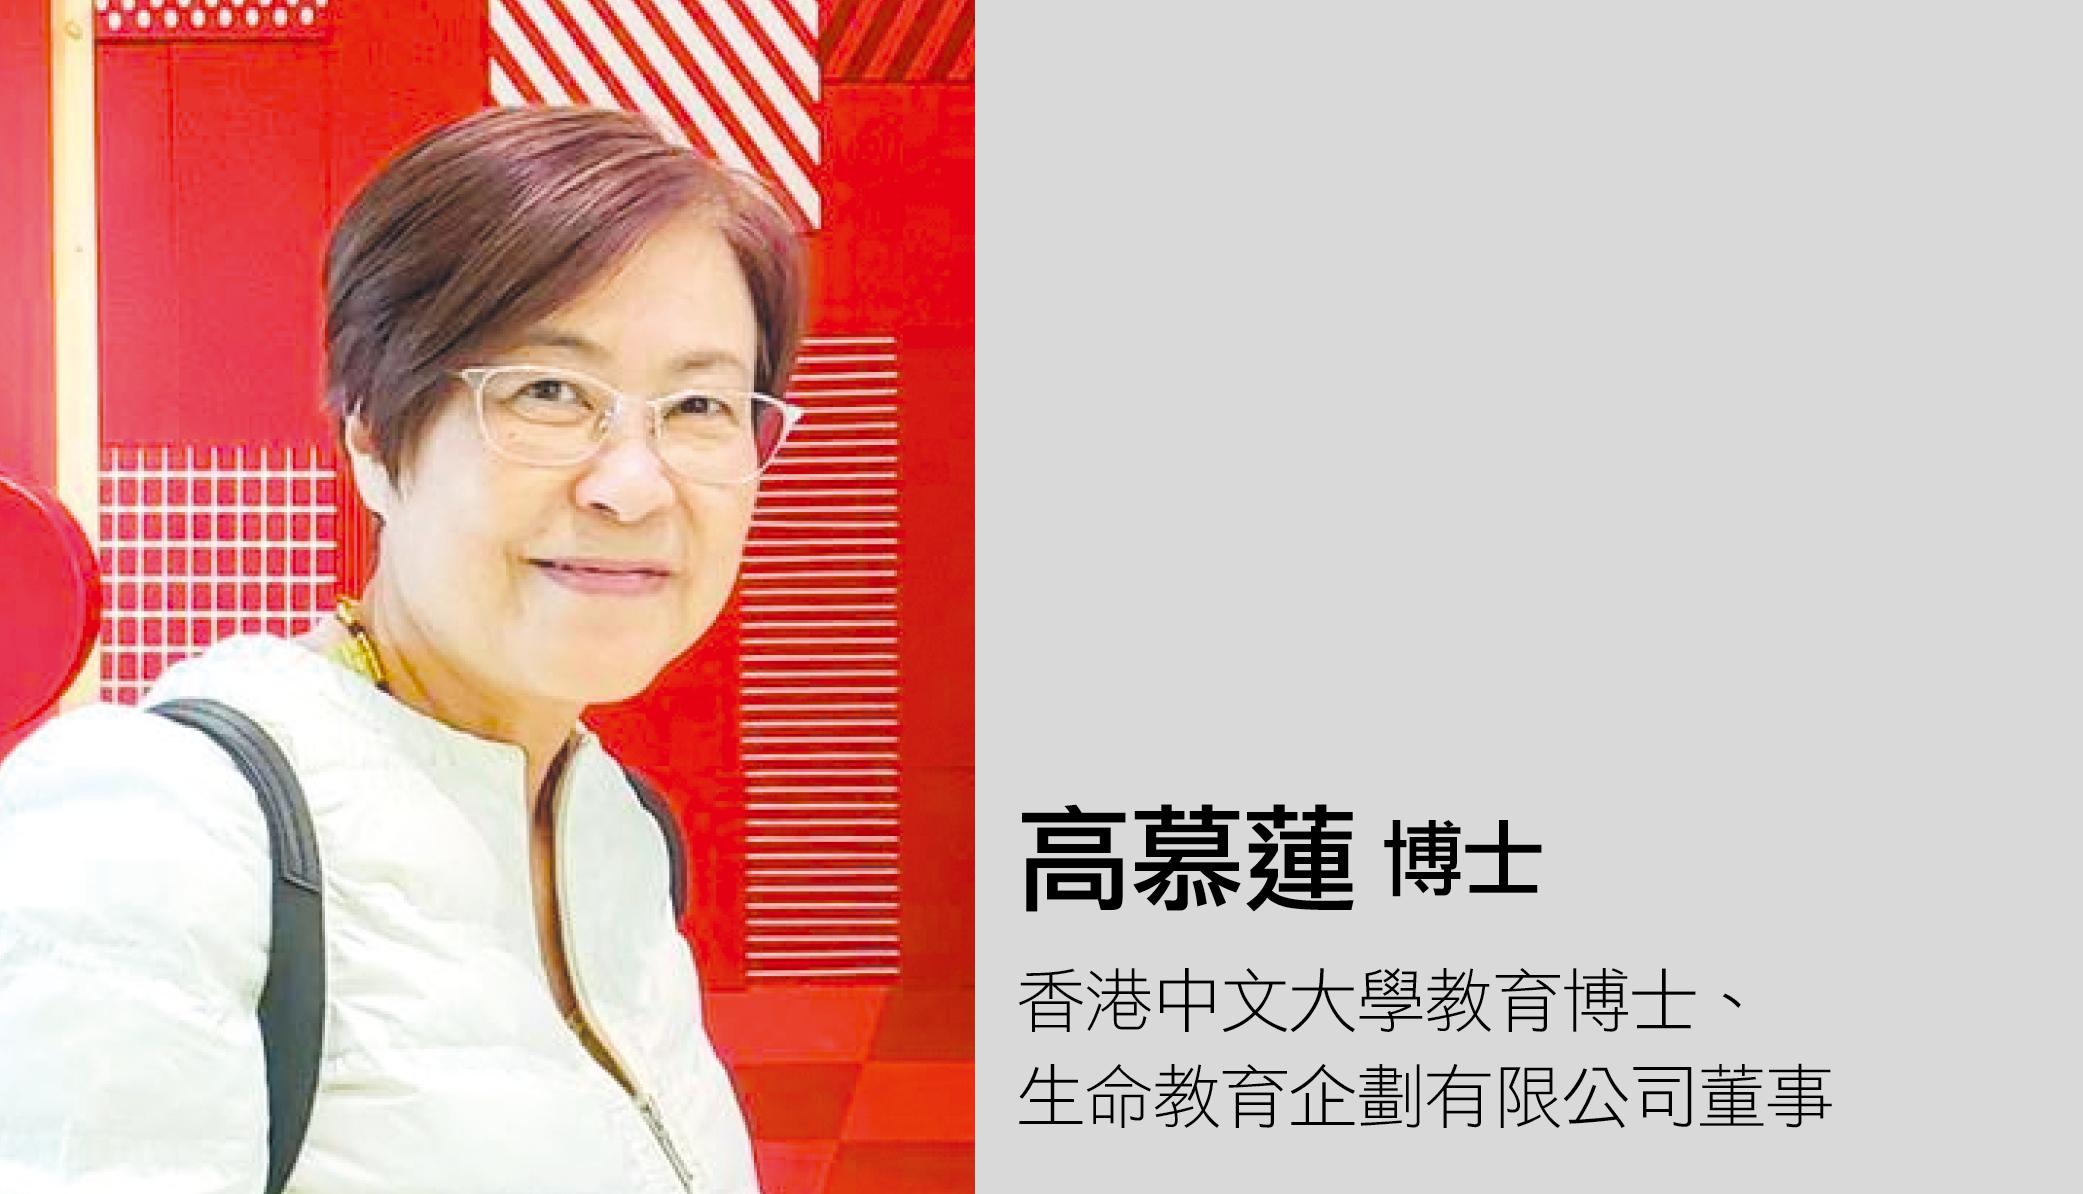 教育傳媒:高慕蓮博士 香港中文大學教育博士、生命教育企劃有限公司董事